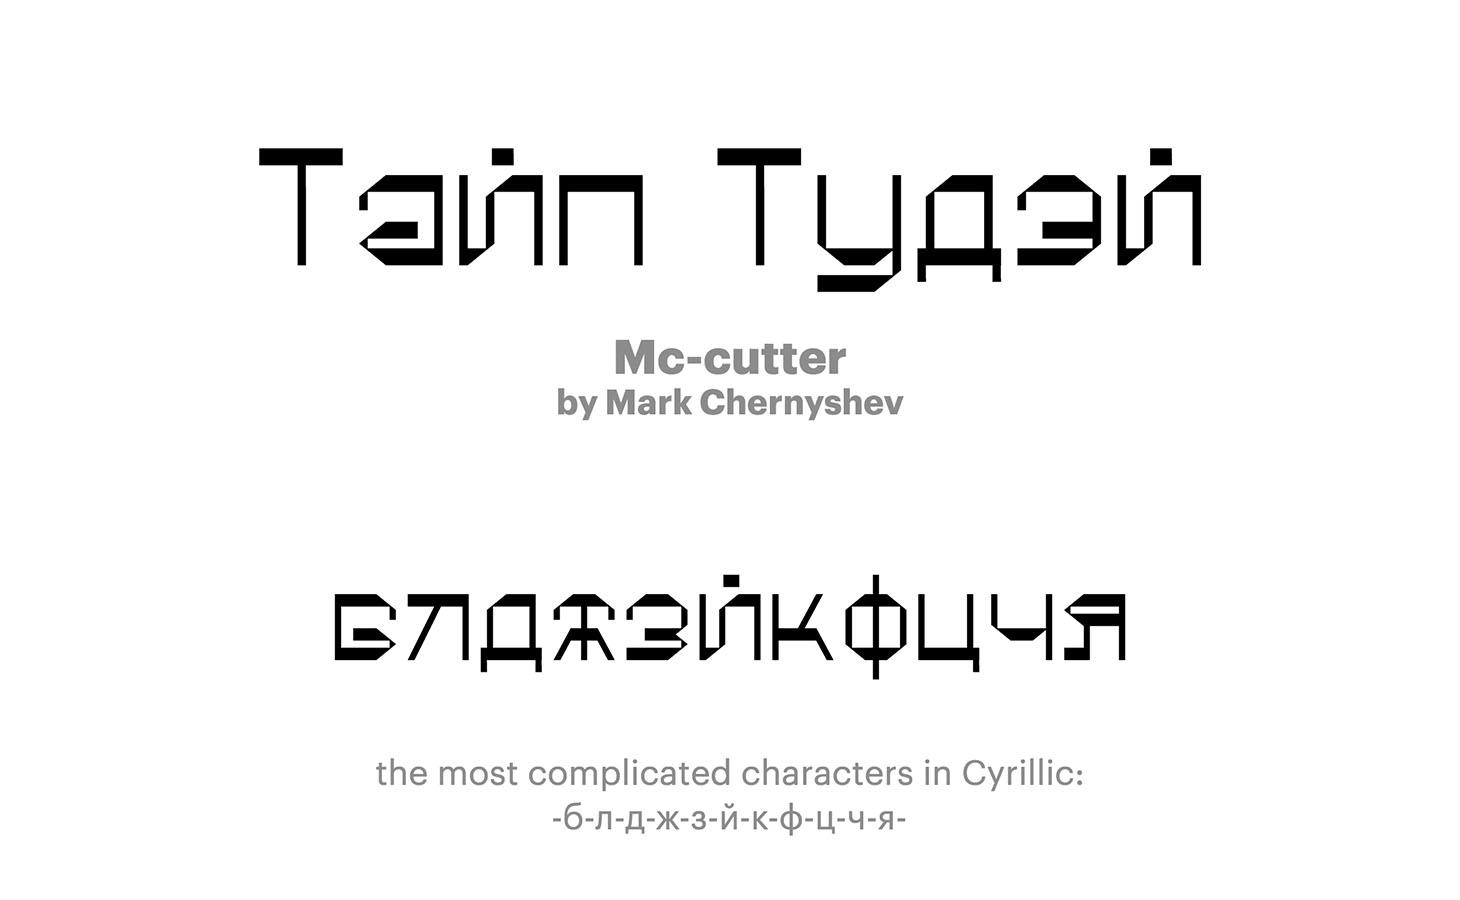 Mc-cutter